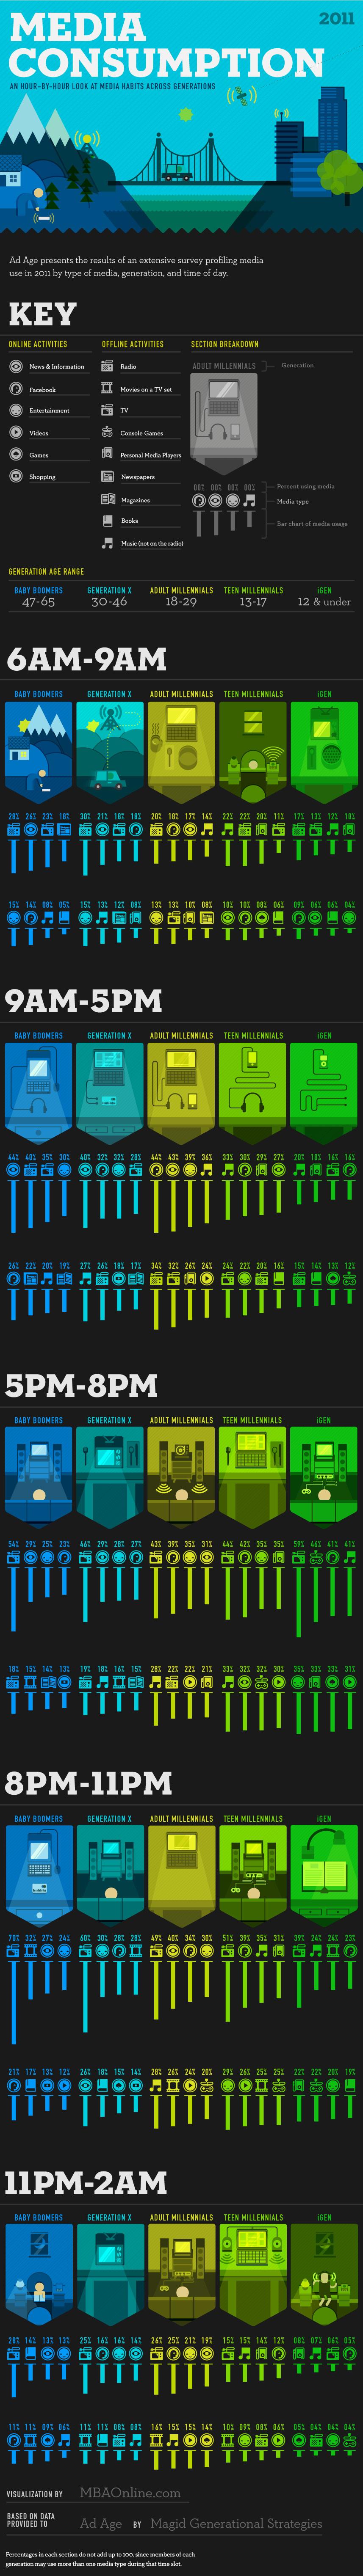 Media-Consumption-infographic